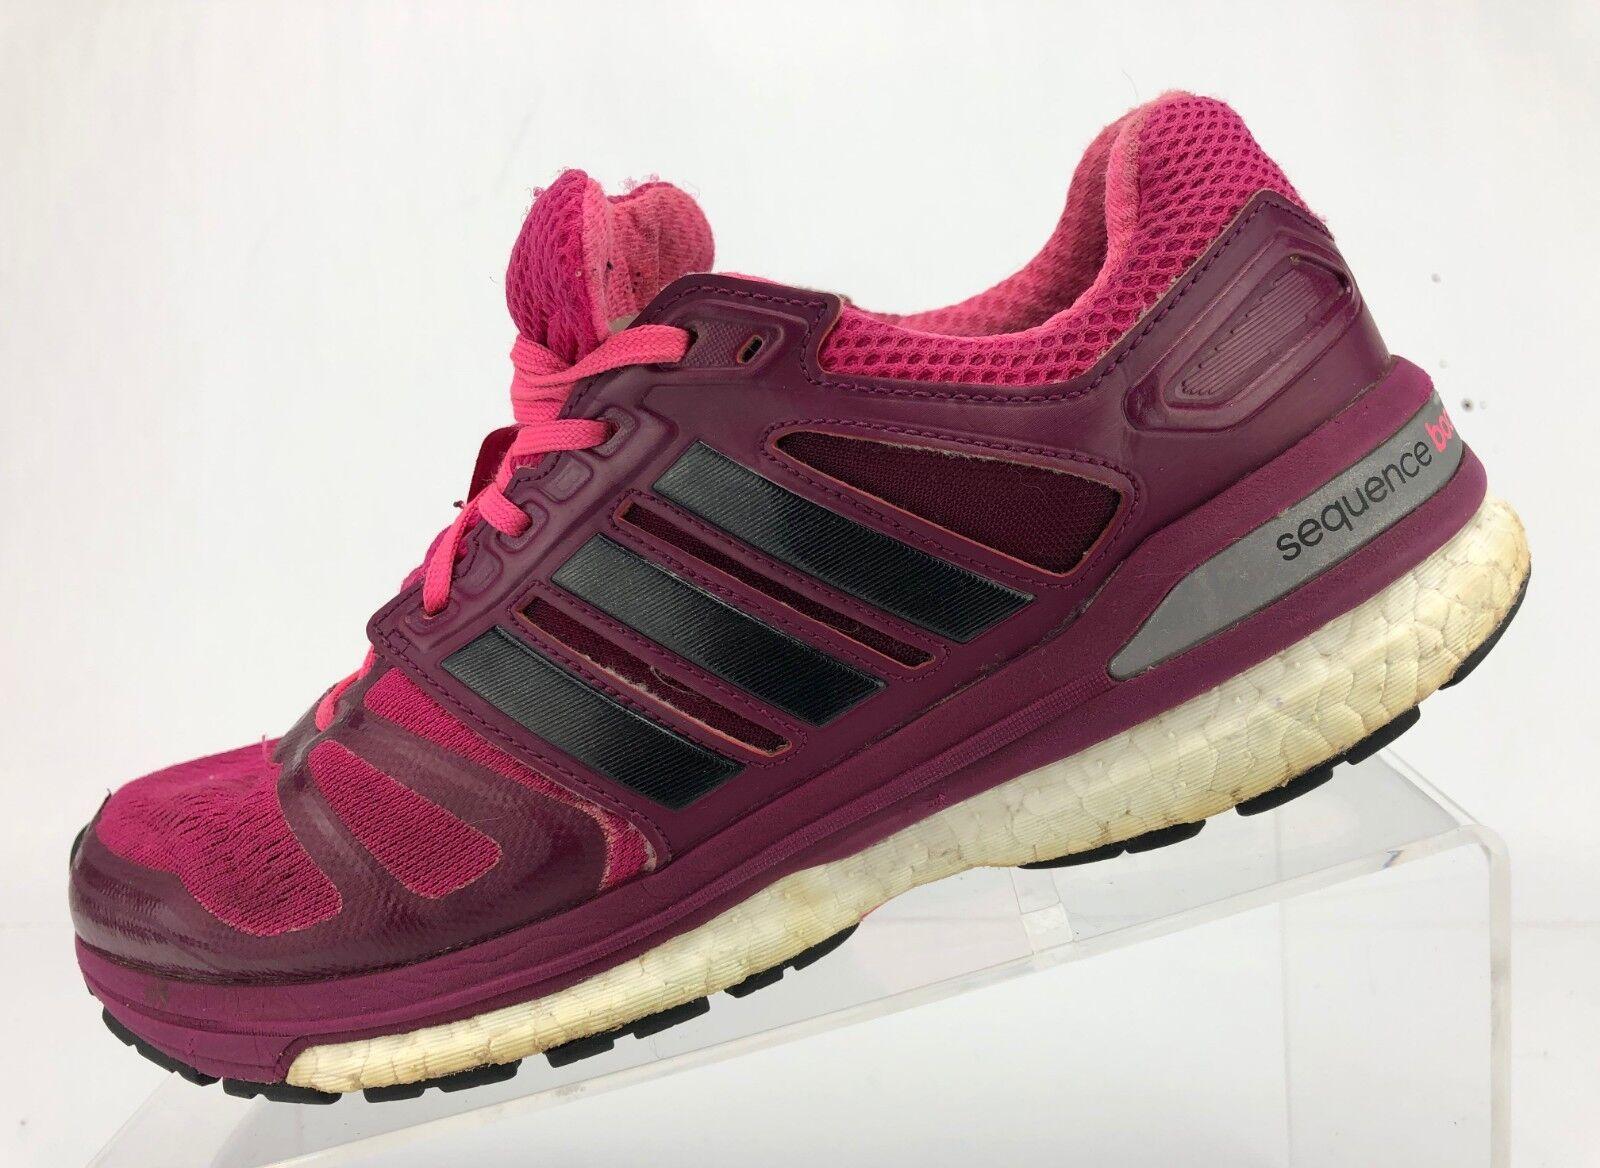 Adidas supernova sequenza 7 scarpe viola la formazione di di di donne misura 6,5 impulso | Materiali Di Qualità Superiore  | Uomini/Donna Scarpa  7357e5